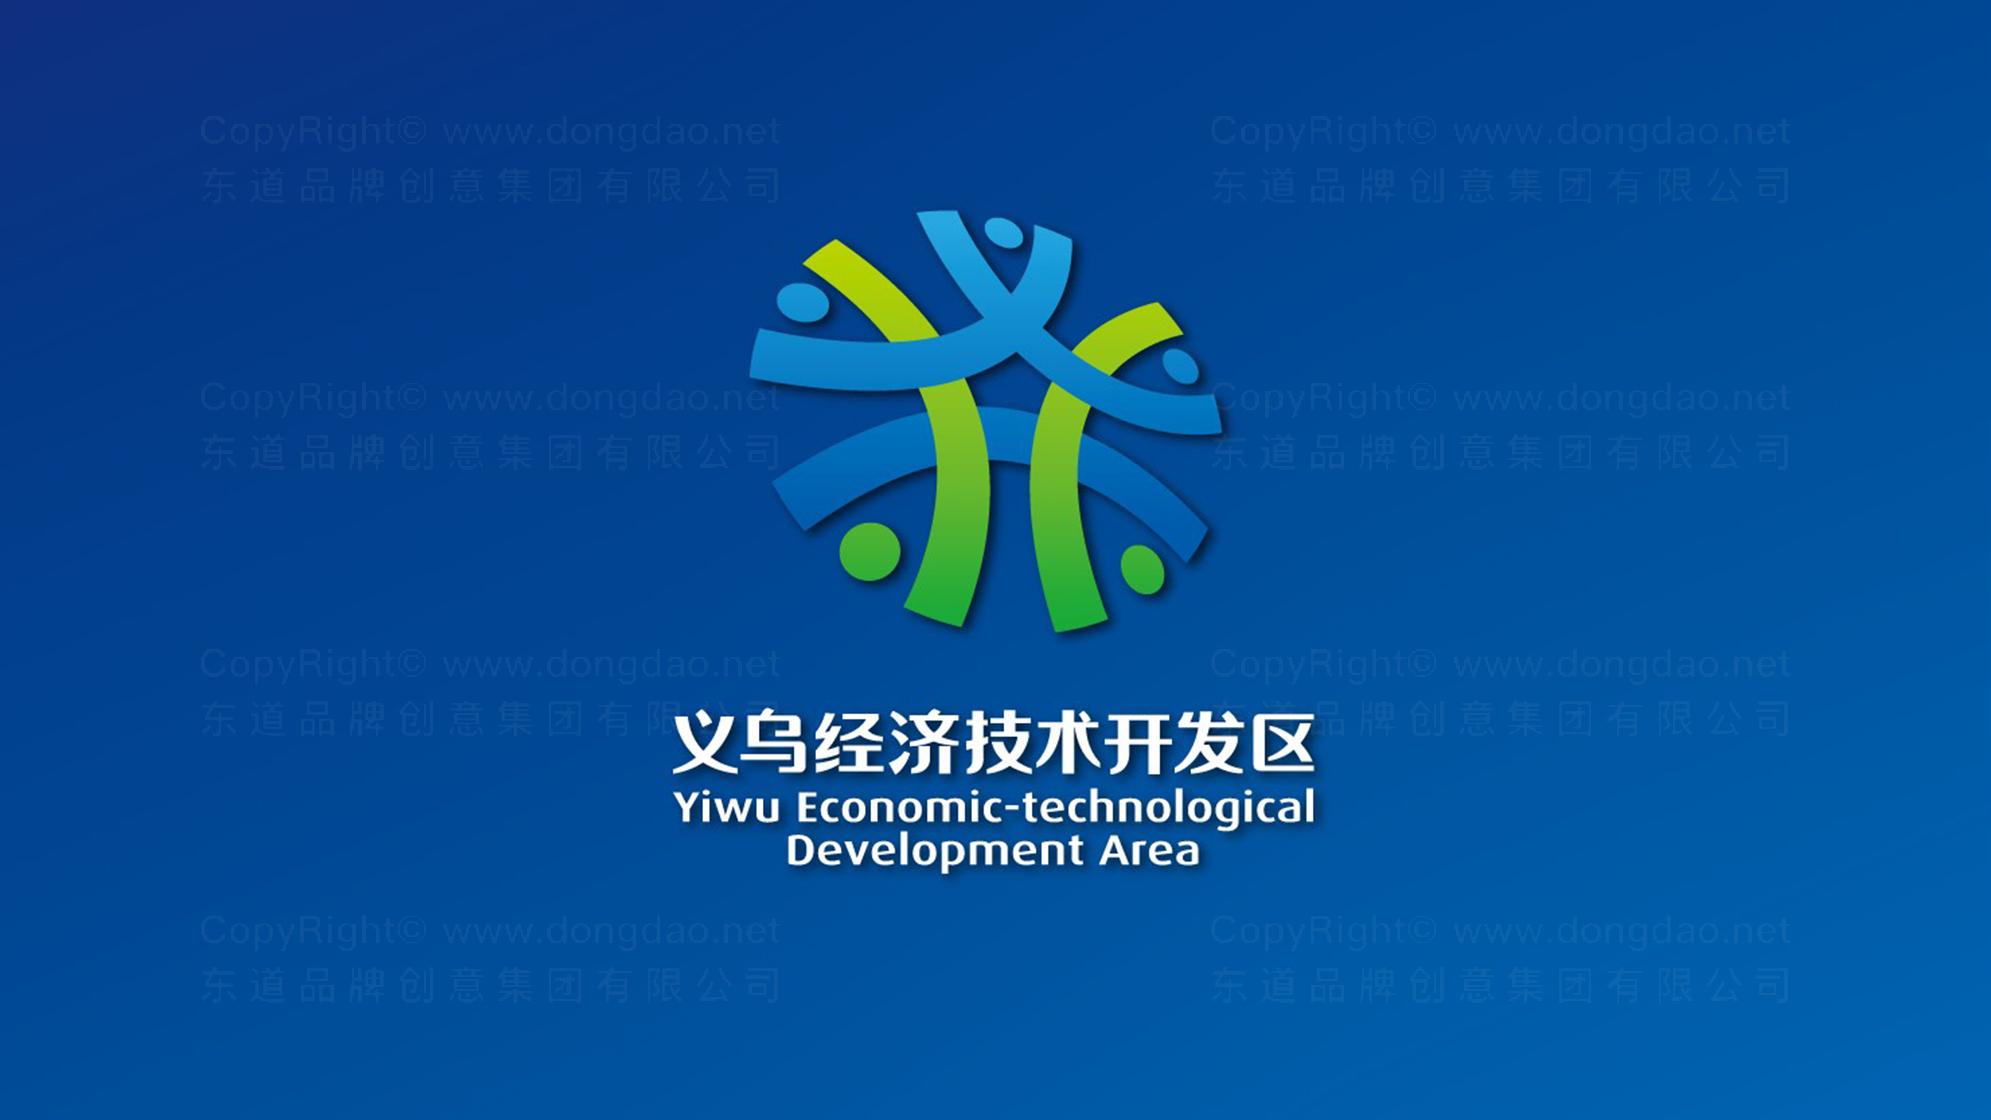 品牌设计案例义乌经济技术开发区LOGO&VI设计